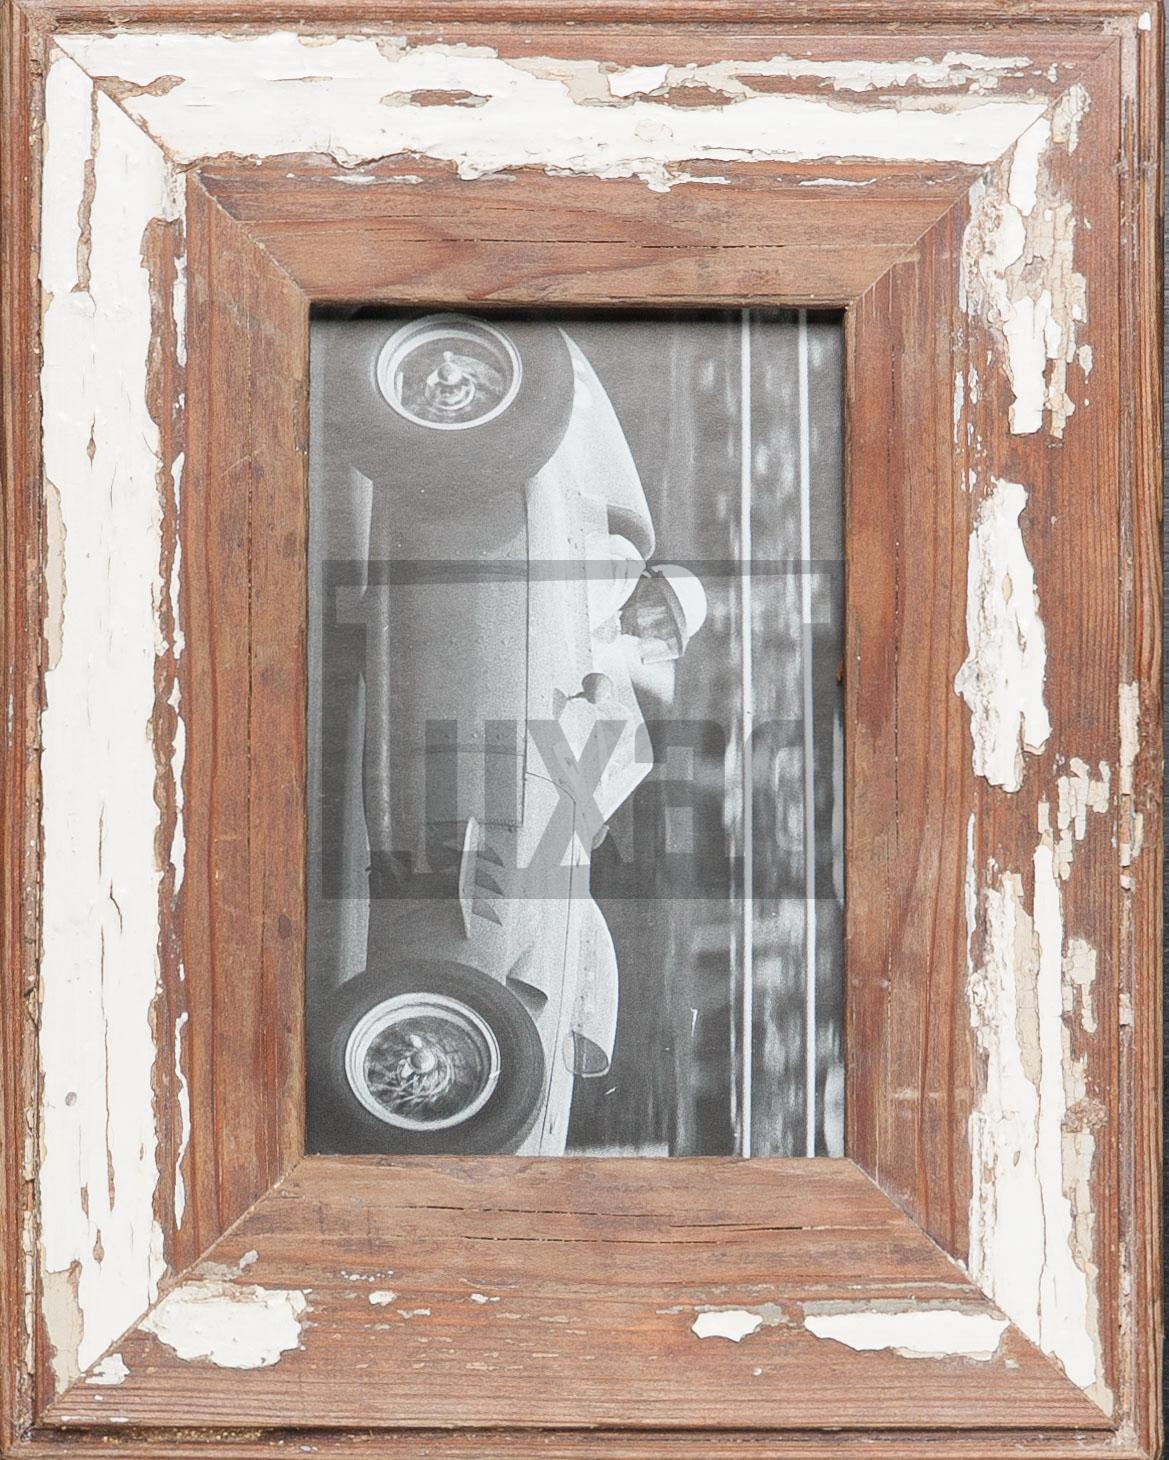 Vintage-Bilderrahmen aus altem Holz für die Bildgröße 10 x 15 cm